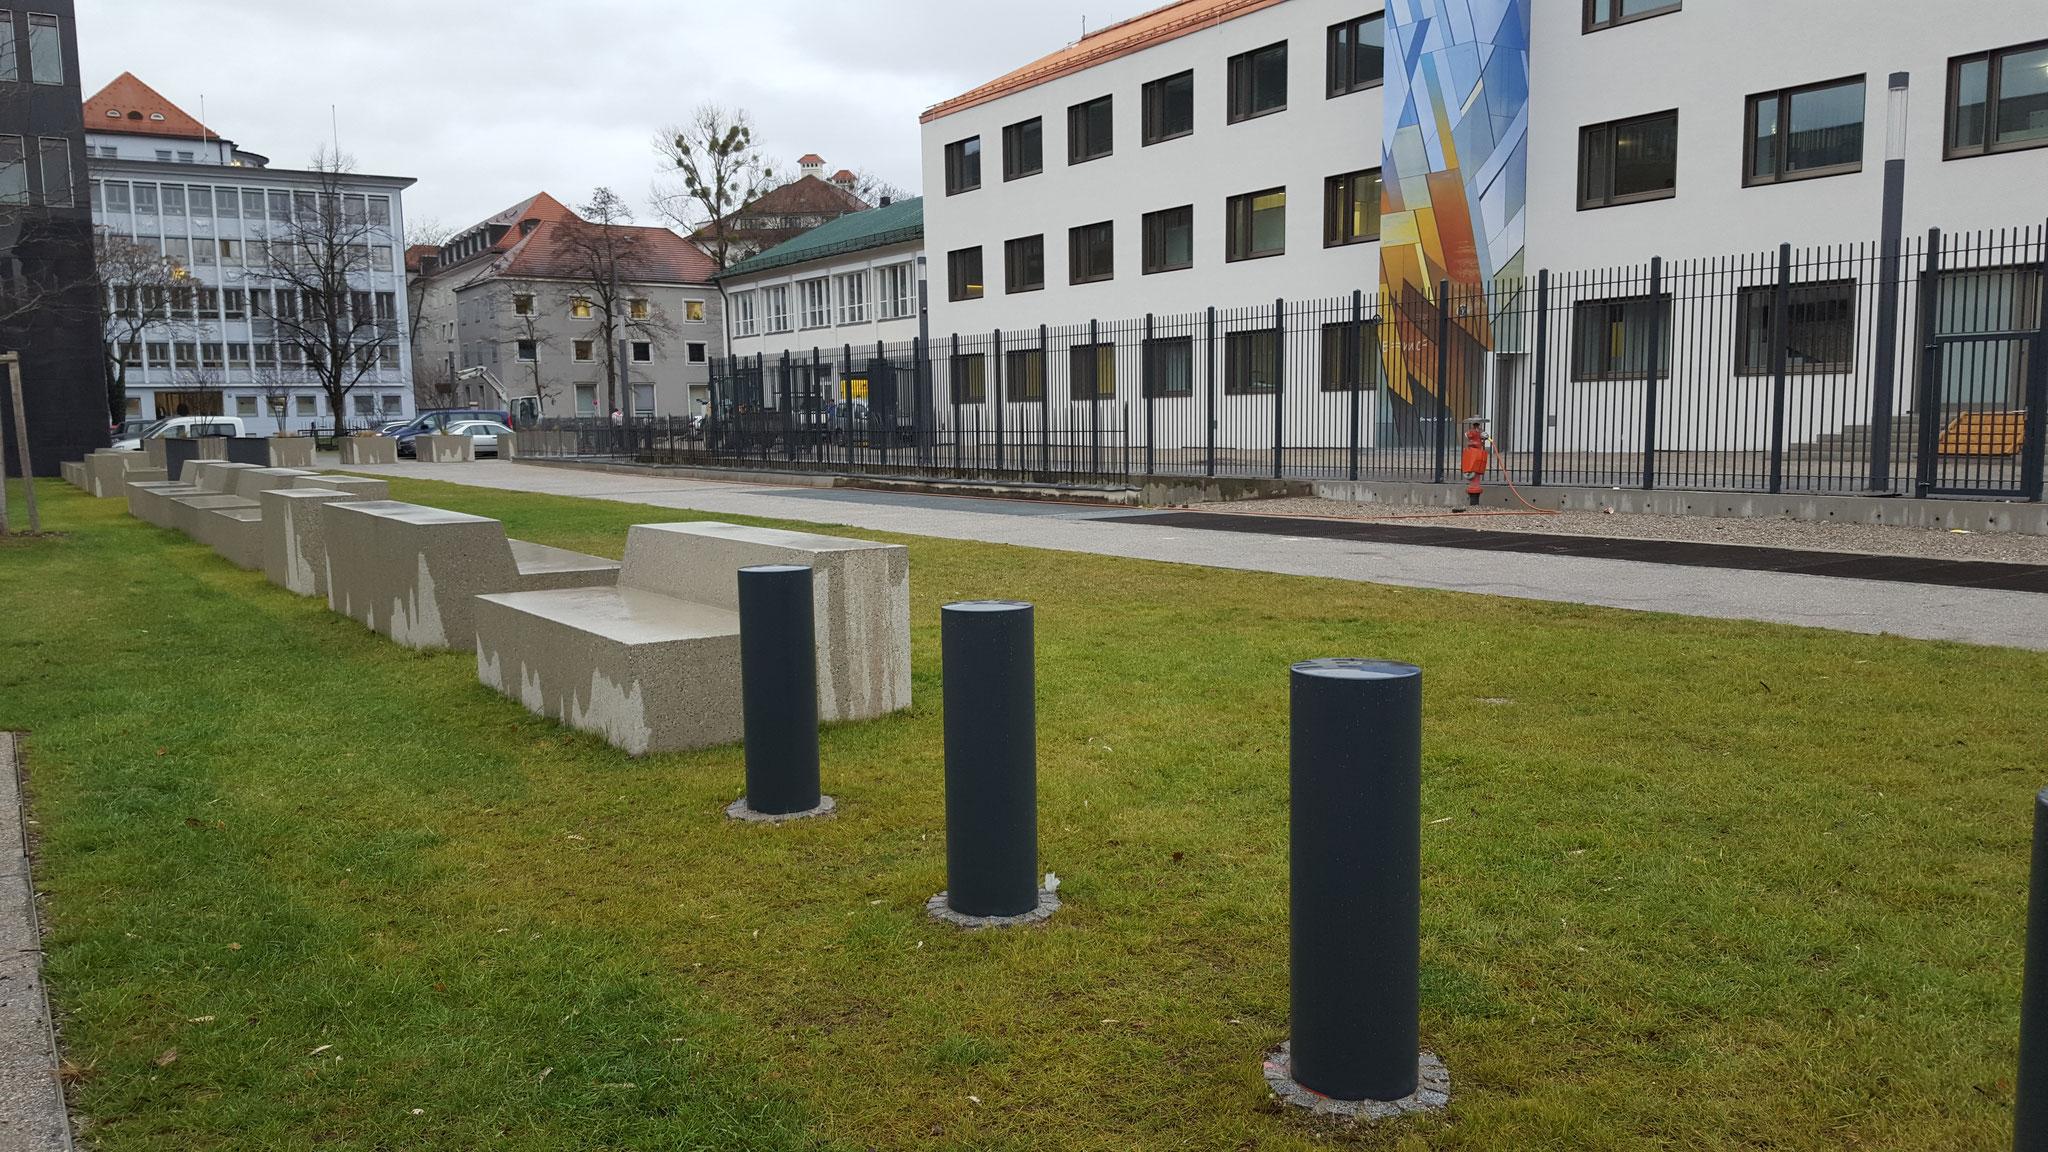 Konsulat in München